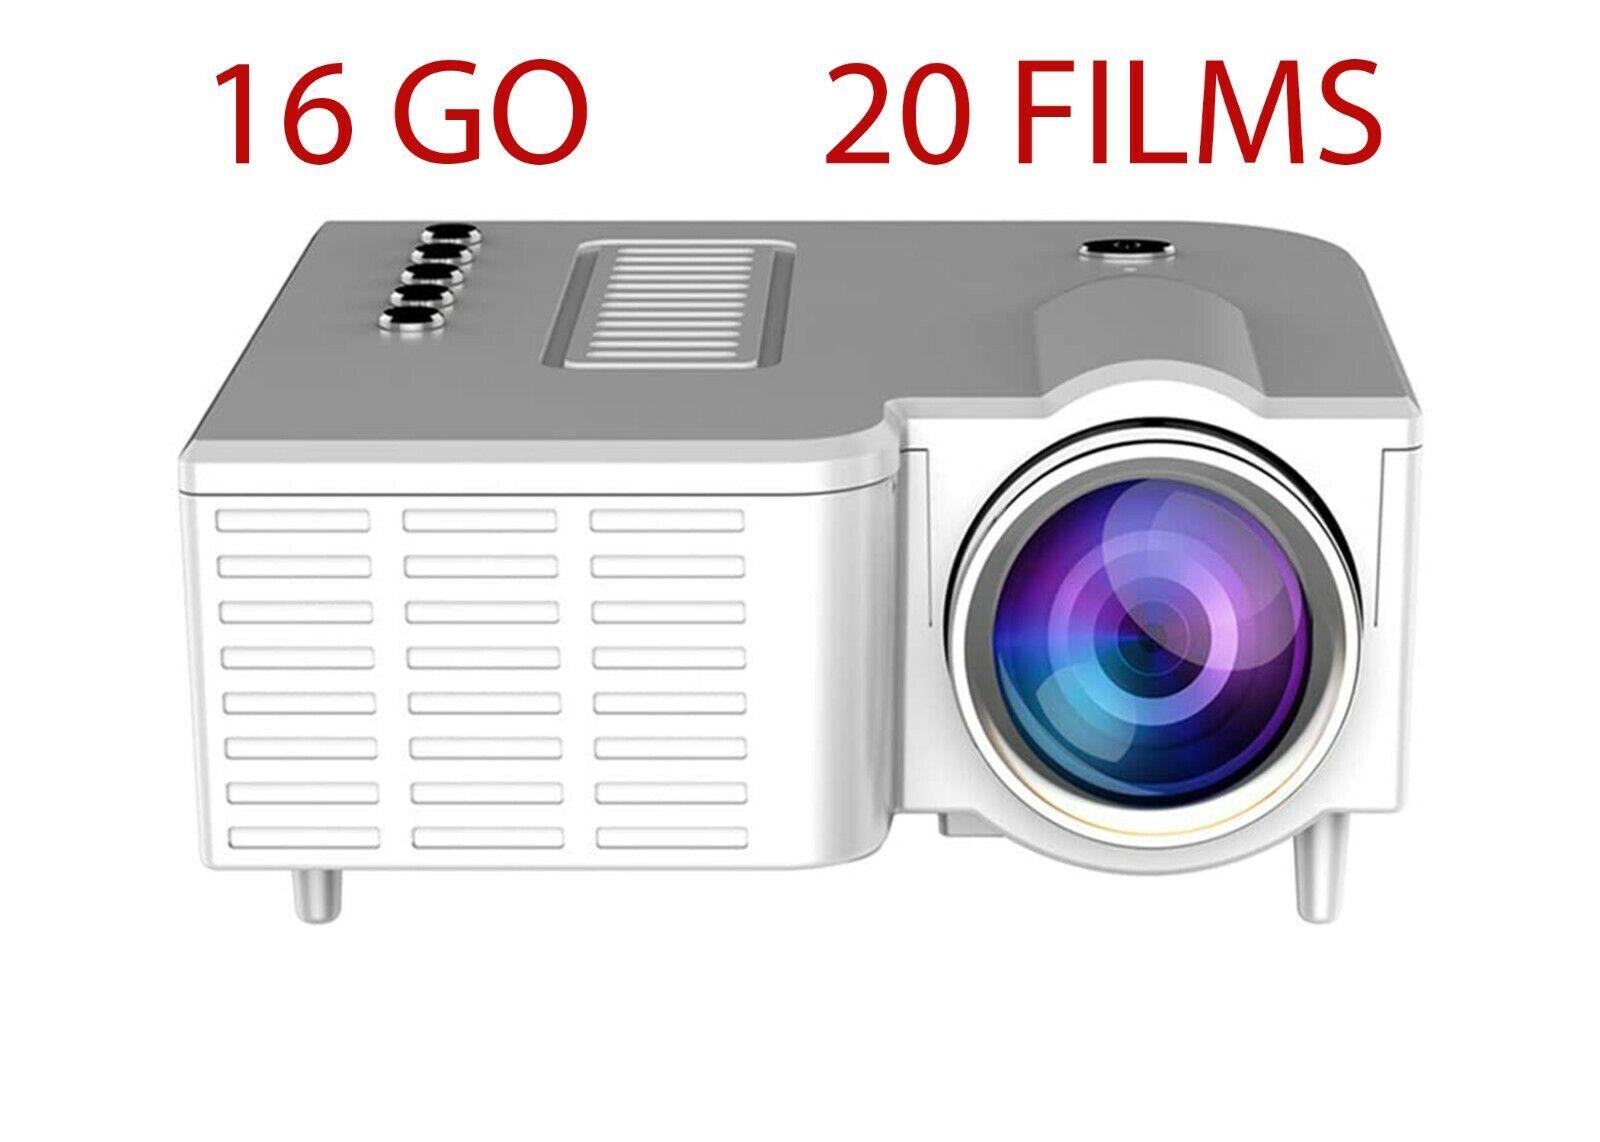 Mini vidÉoprojecteur avec carte sd 16 go et 20 films servi qu'une fois en boite